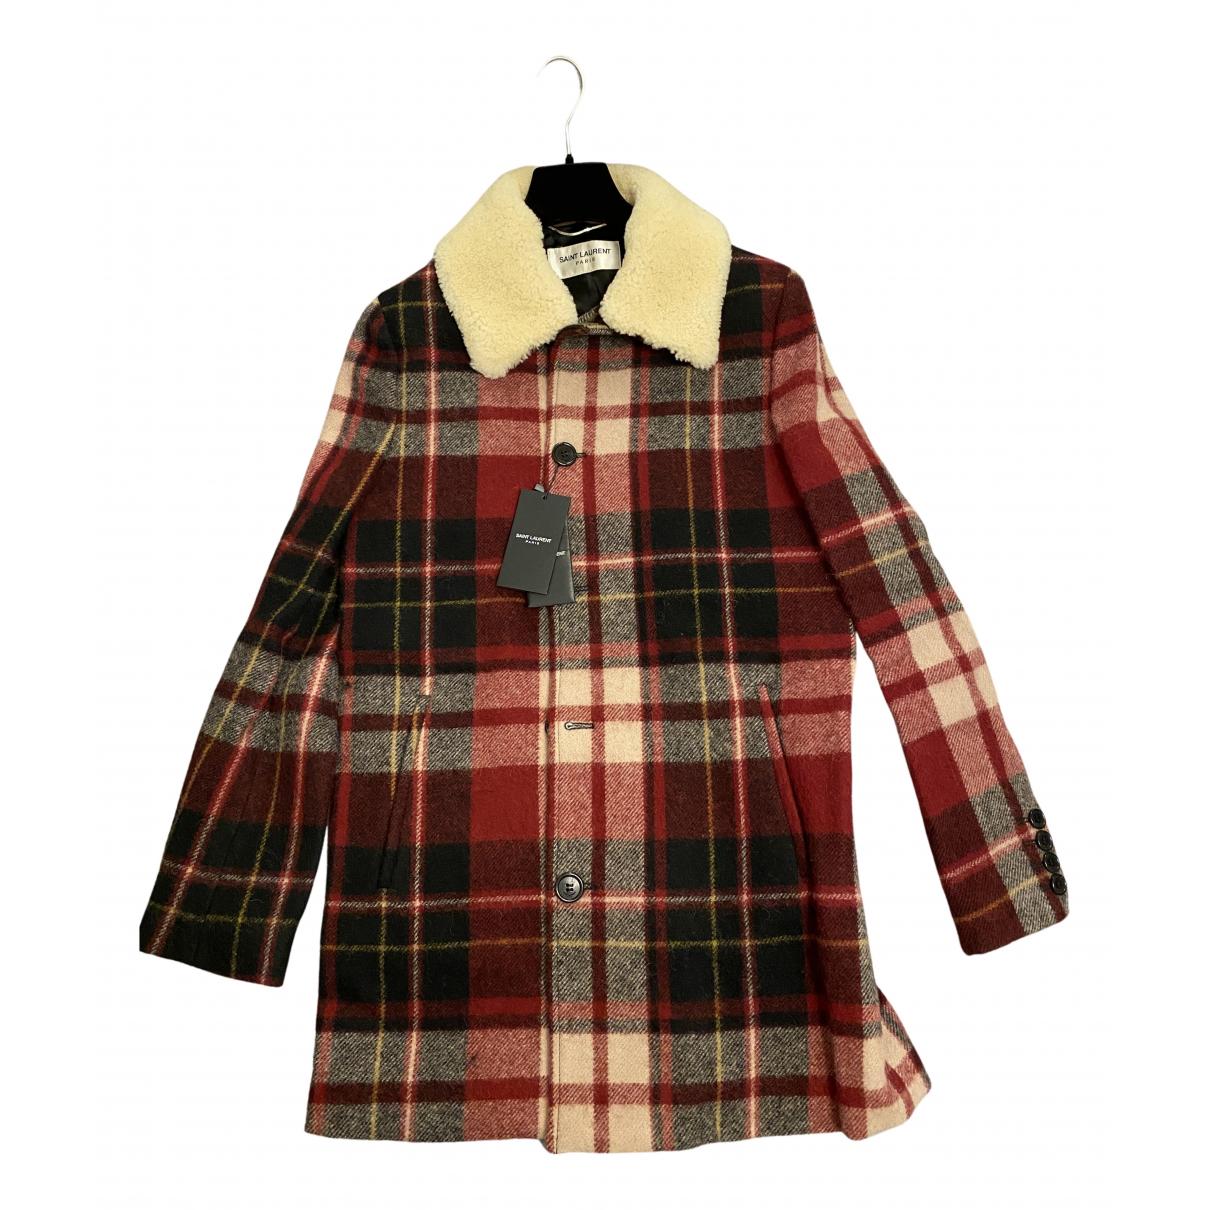 Saint Laurent - Manteau   pour homme en laine - rouge